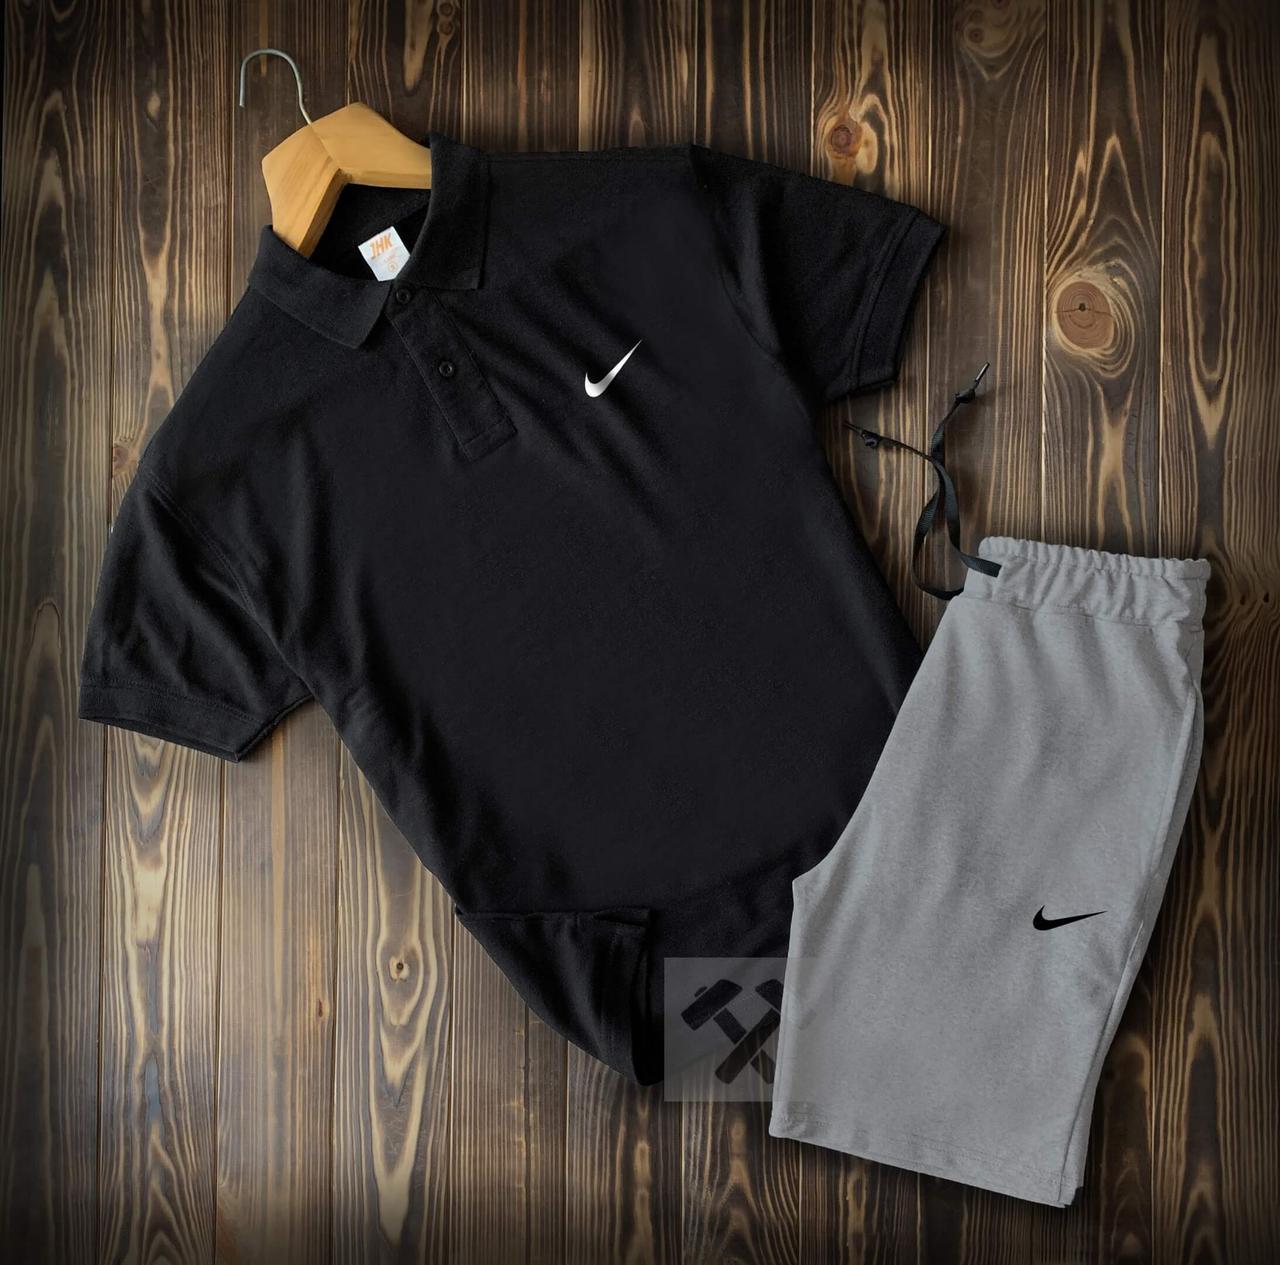 Мужские шорты и футболка поло Найк (Nike) черно-серого цвета на лето